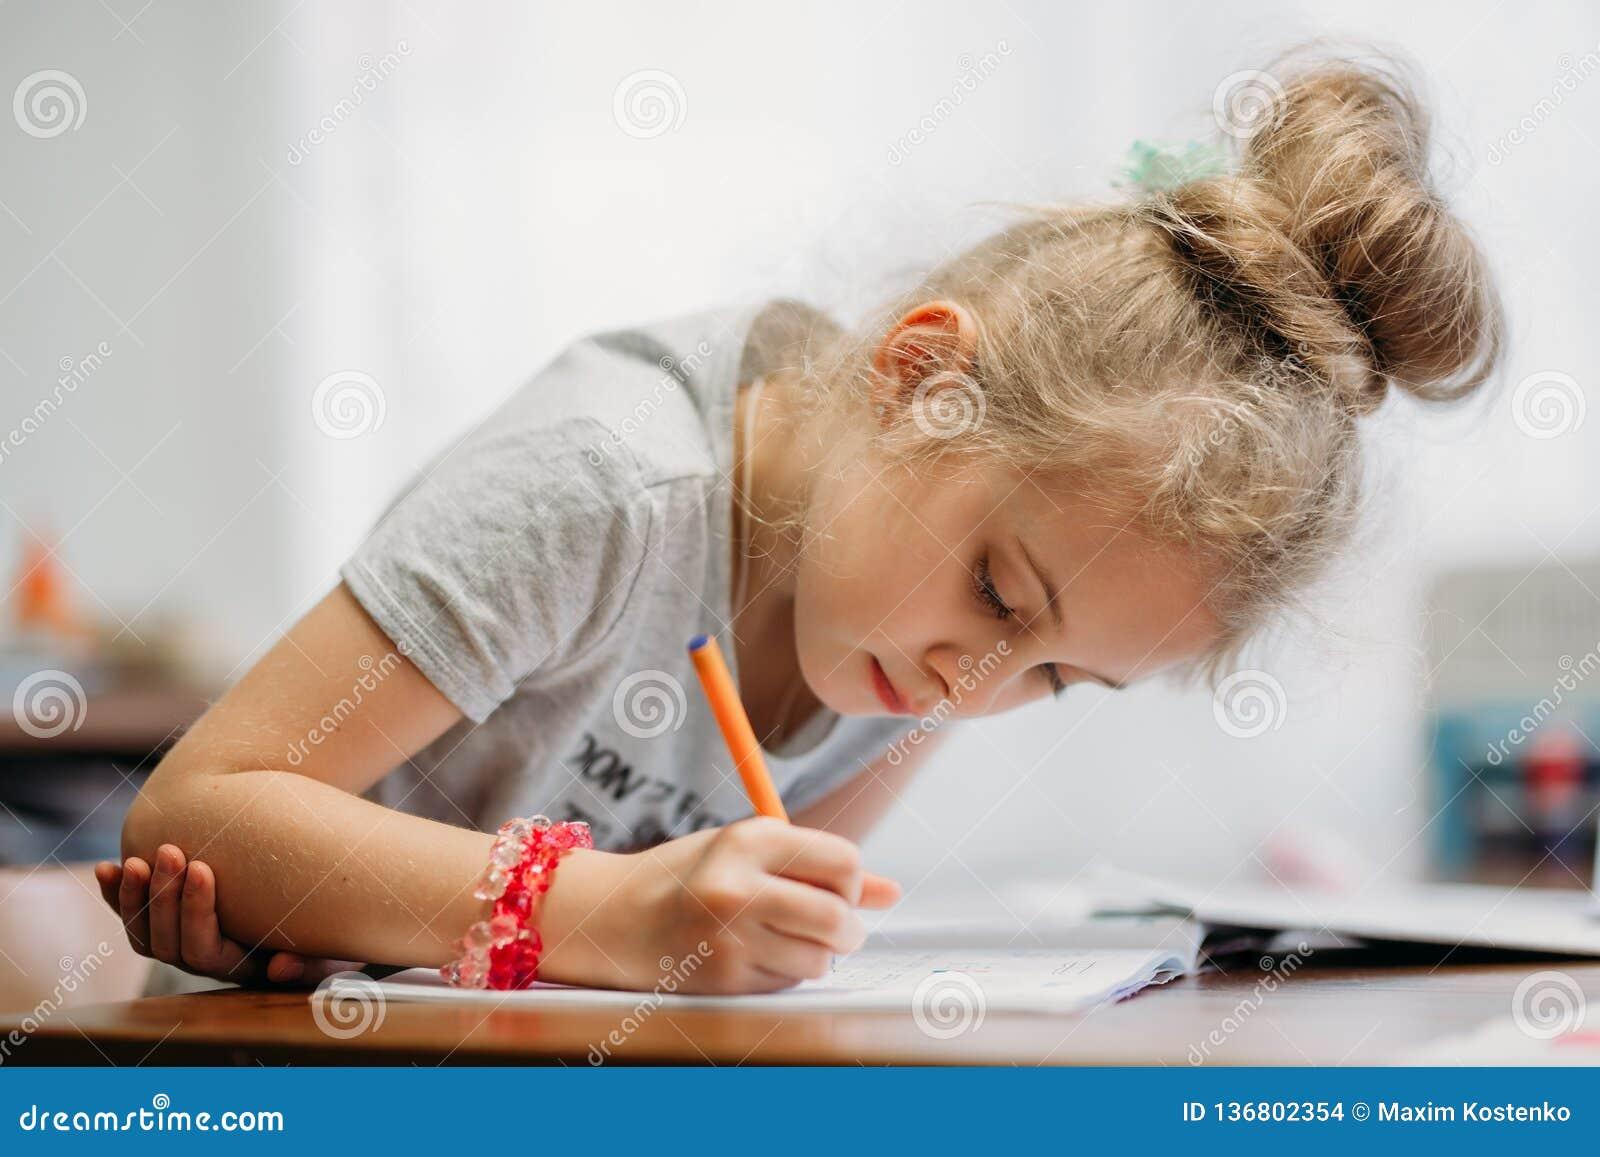 Семилетняя девушка сидит дома на таблице и пишет в тетради, завершая уча задачу или повторяя уроки